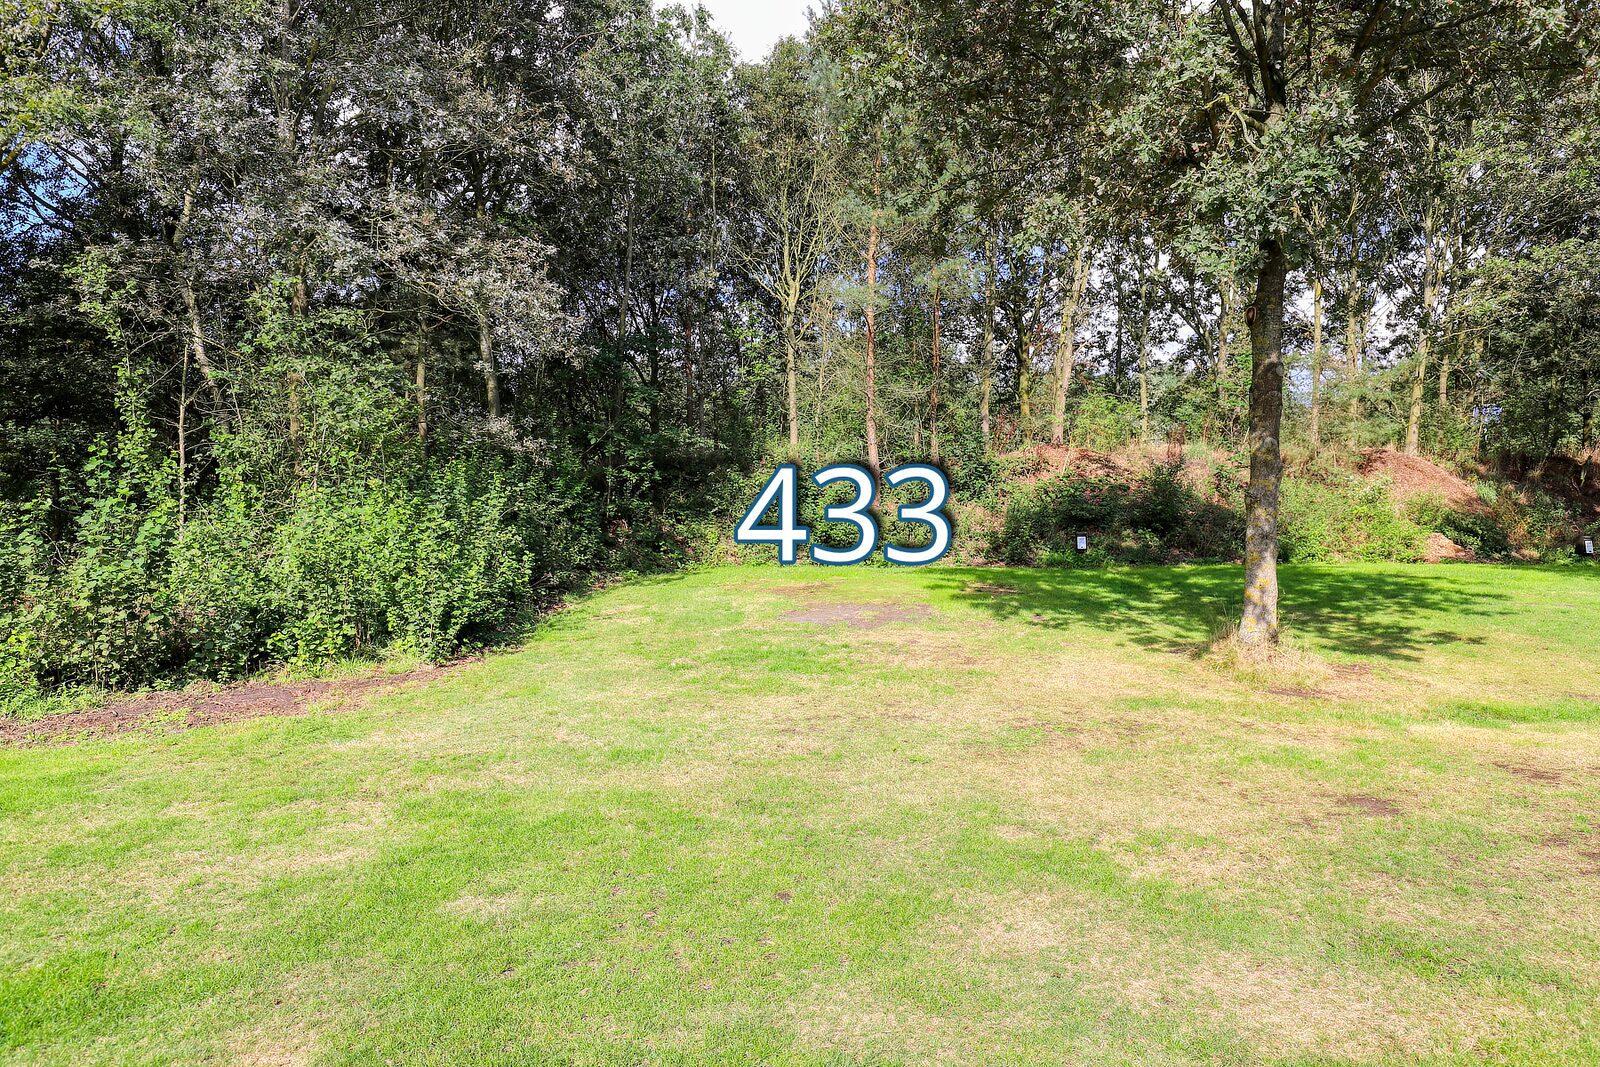 meemsveld 433